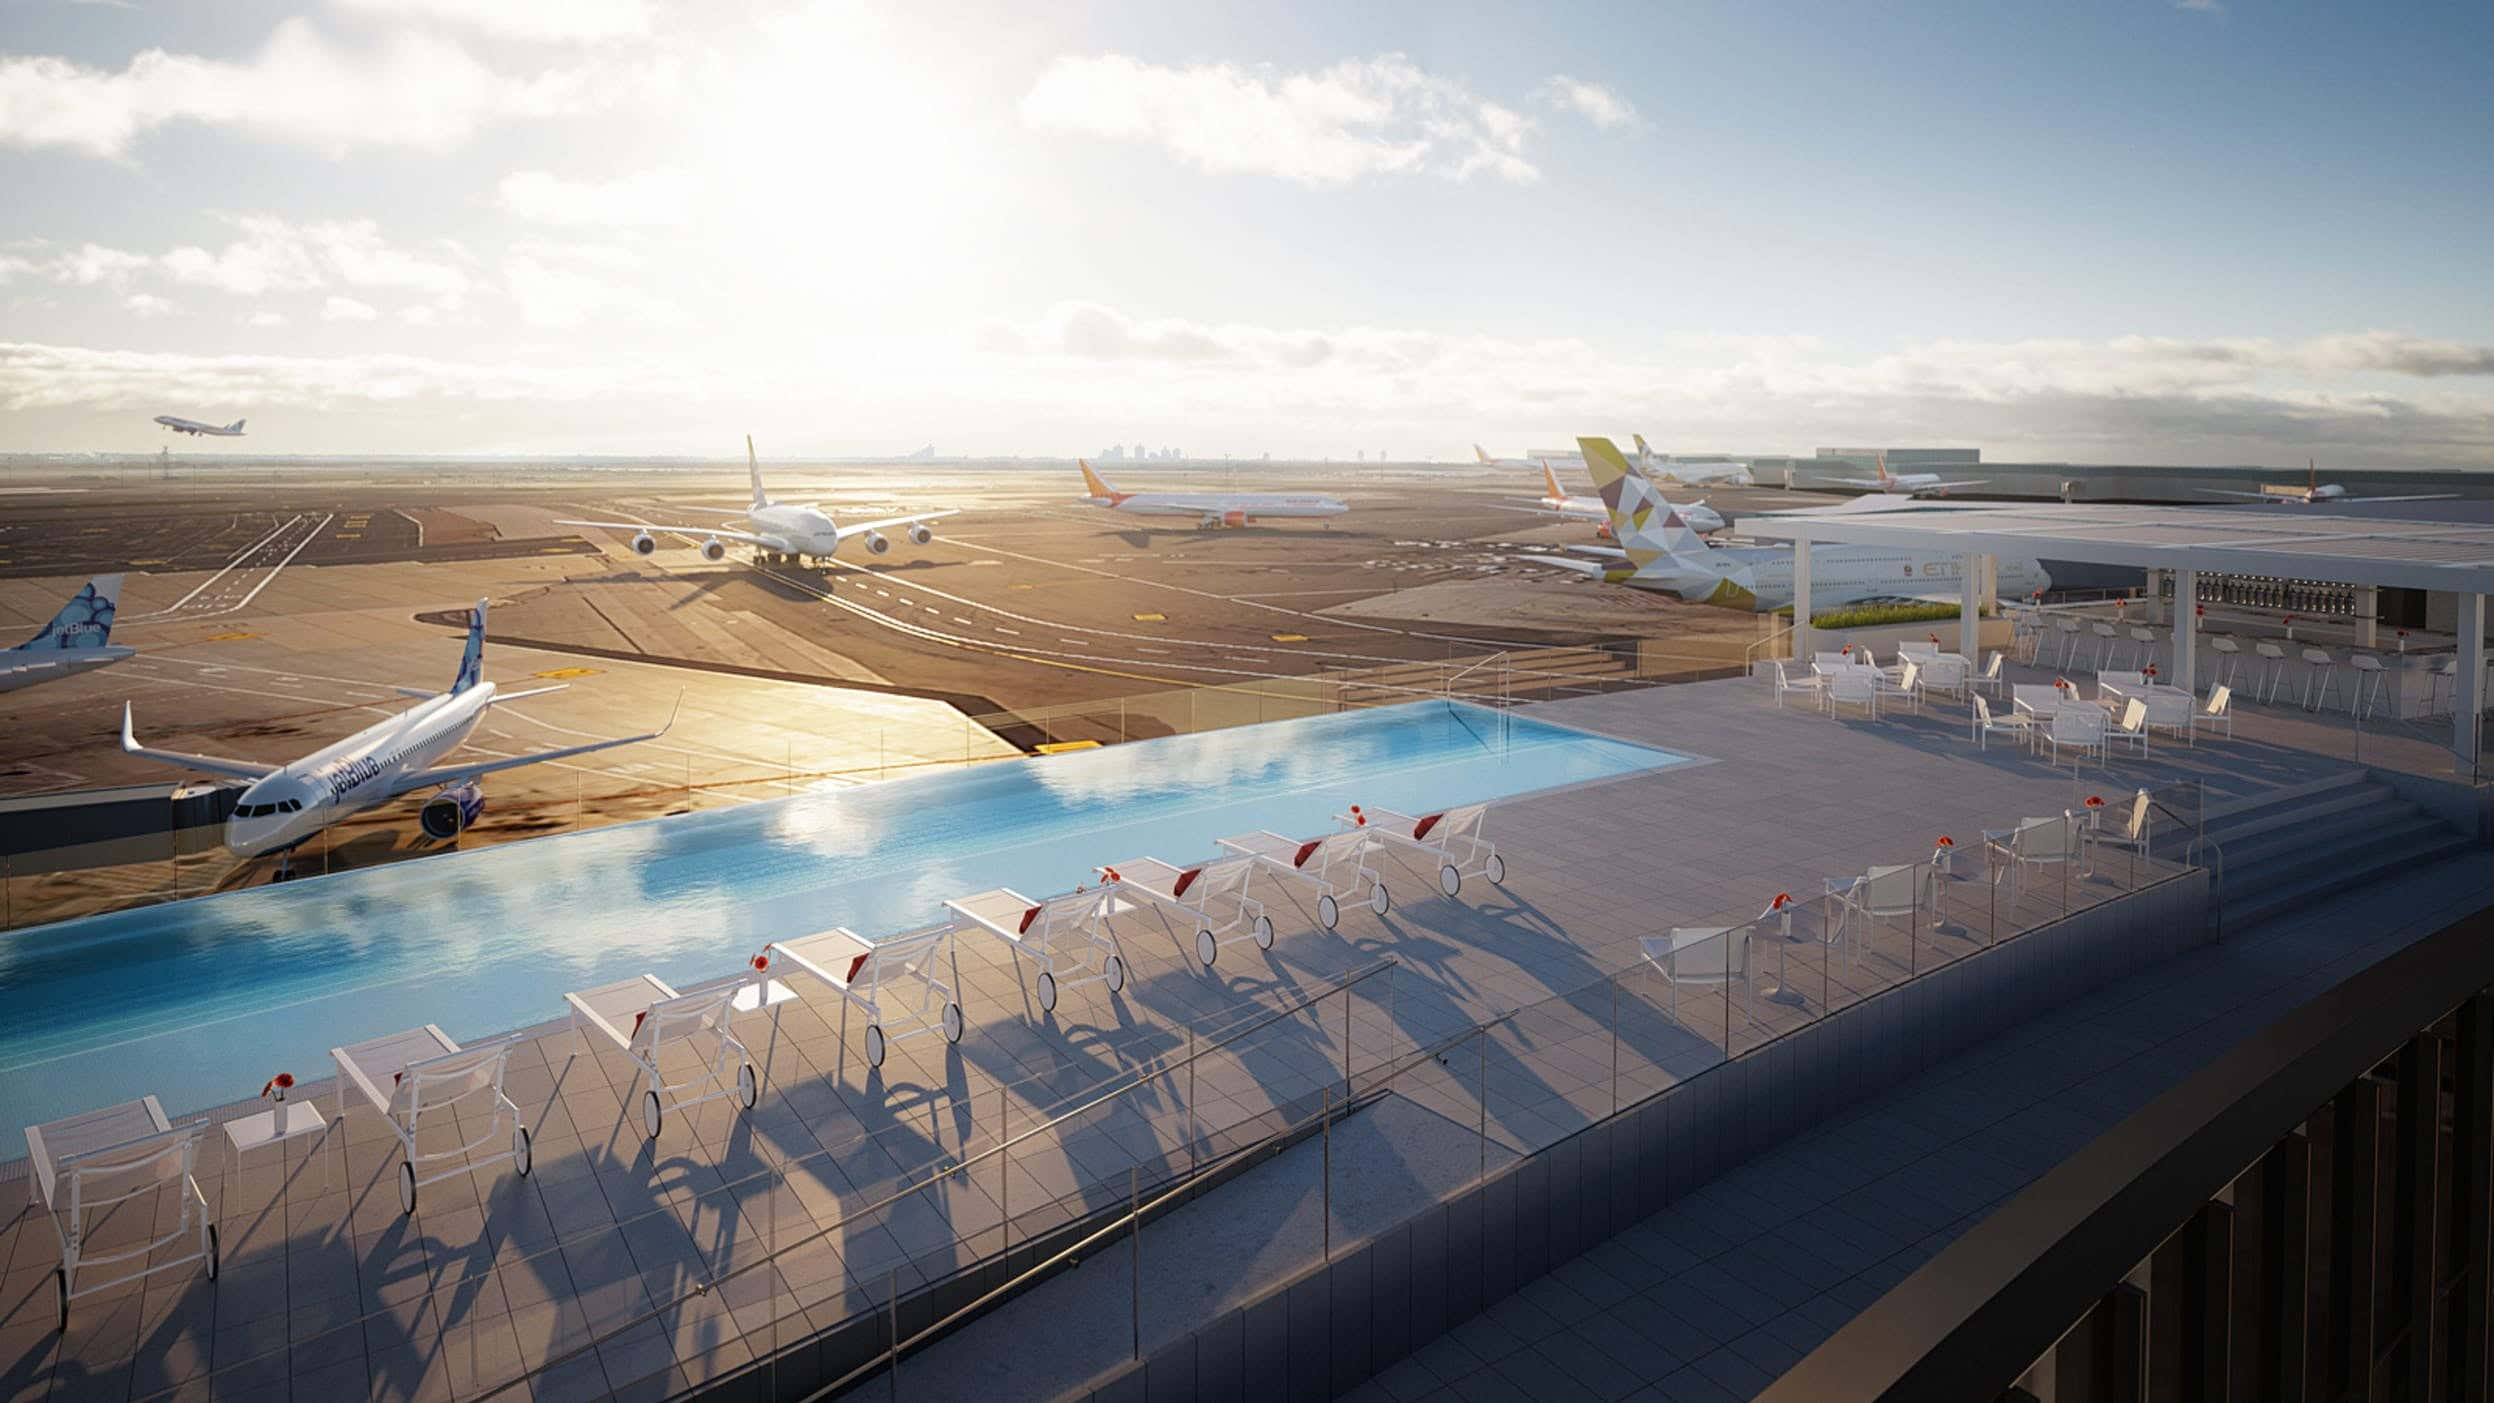 JFK Airport Pool